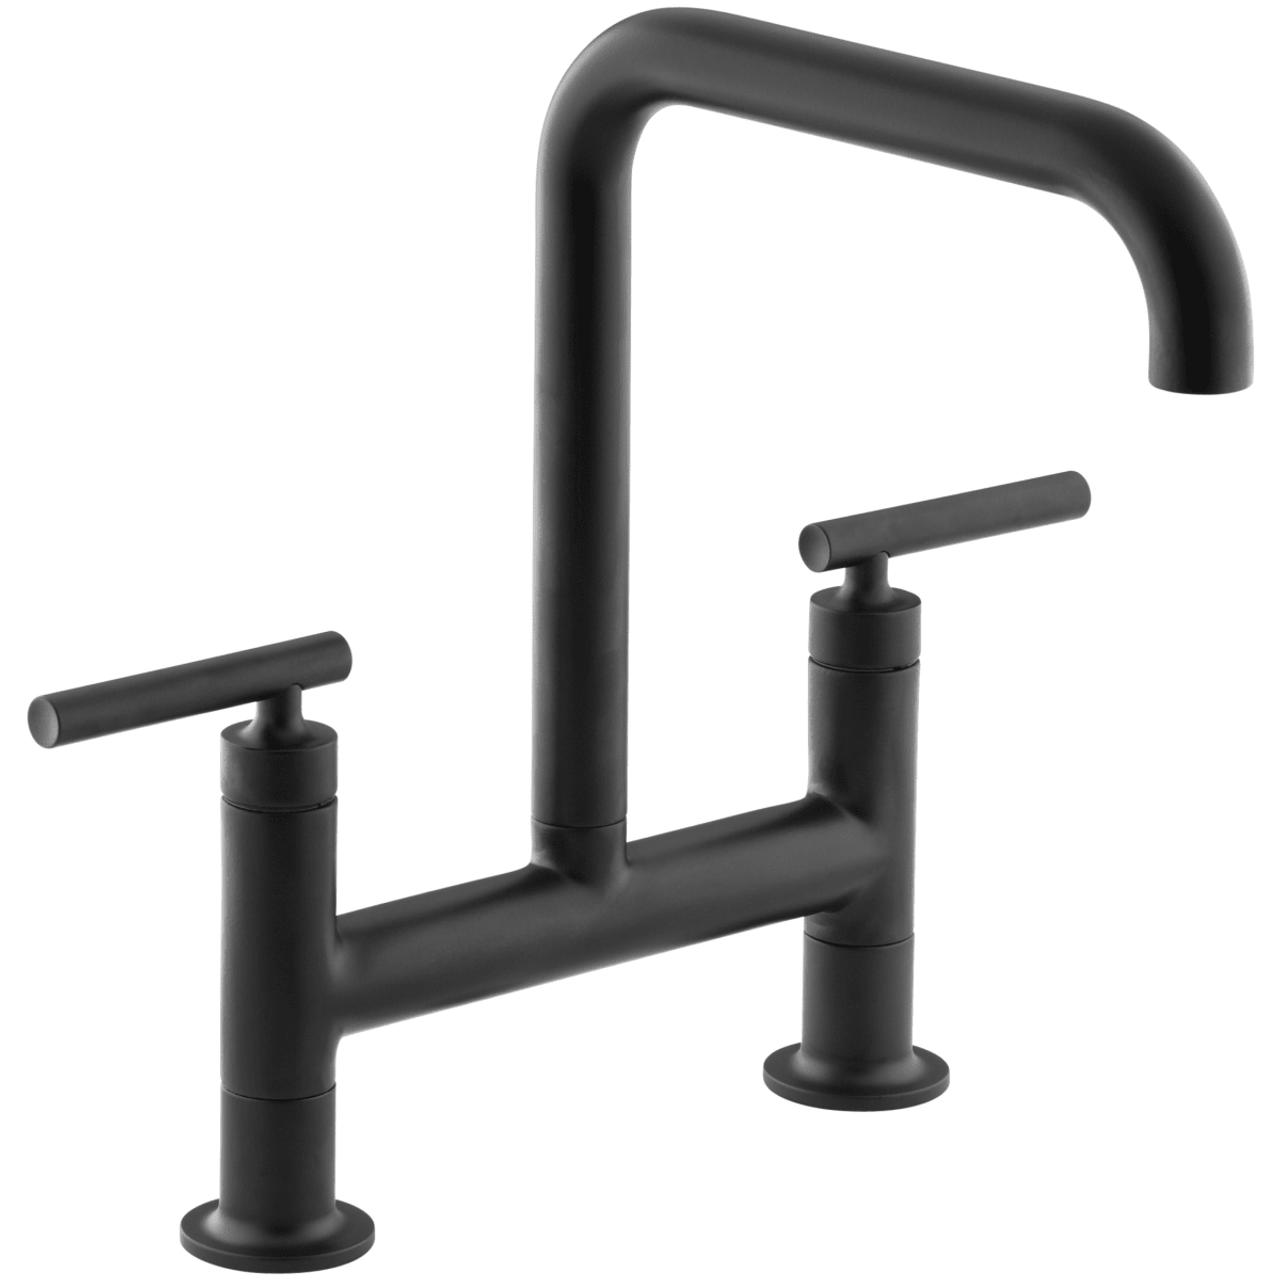 kohler purist double handle bridge kitchen faucet with rotating spout